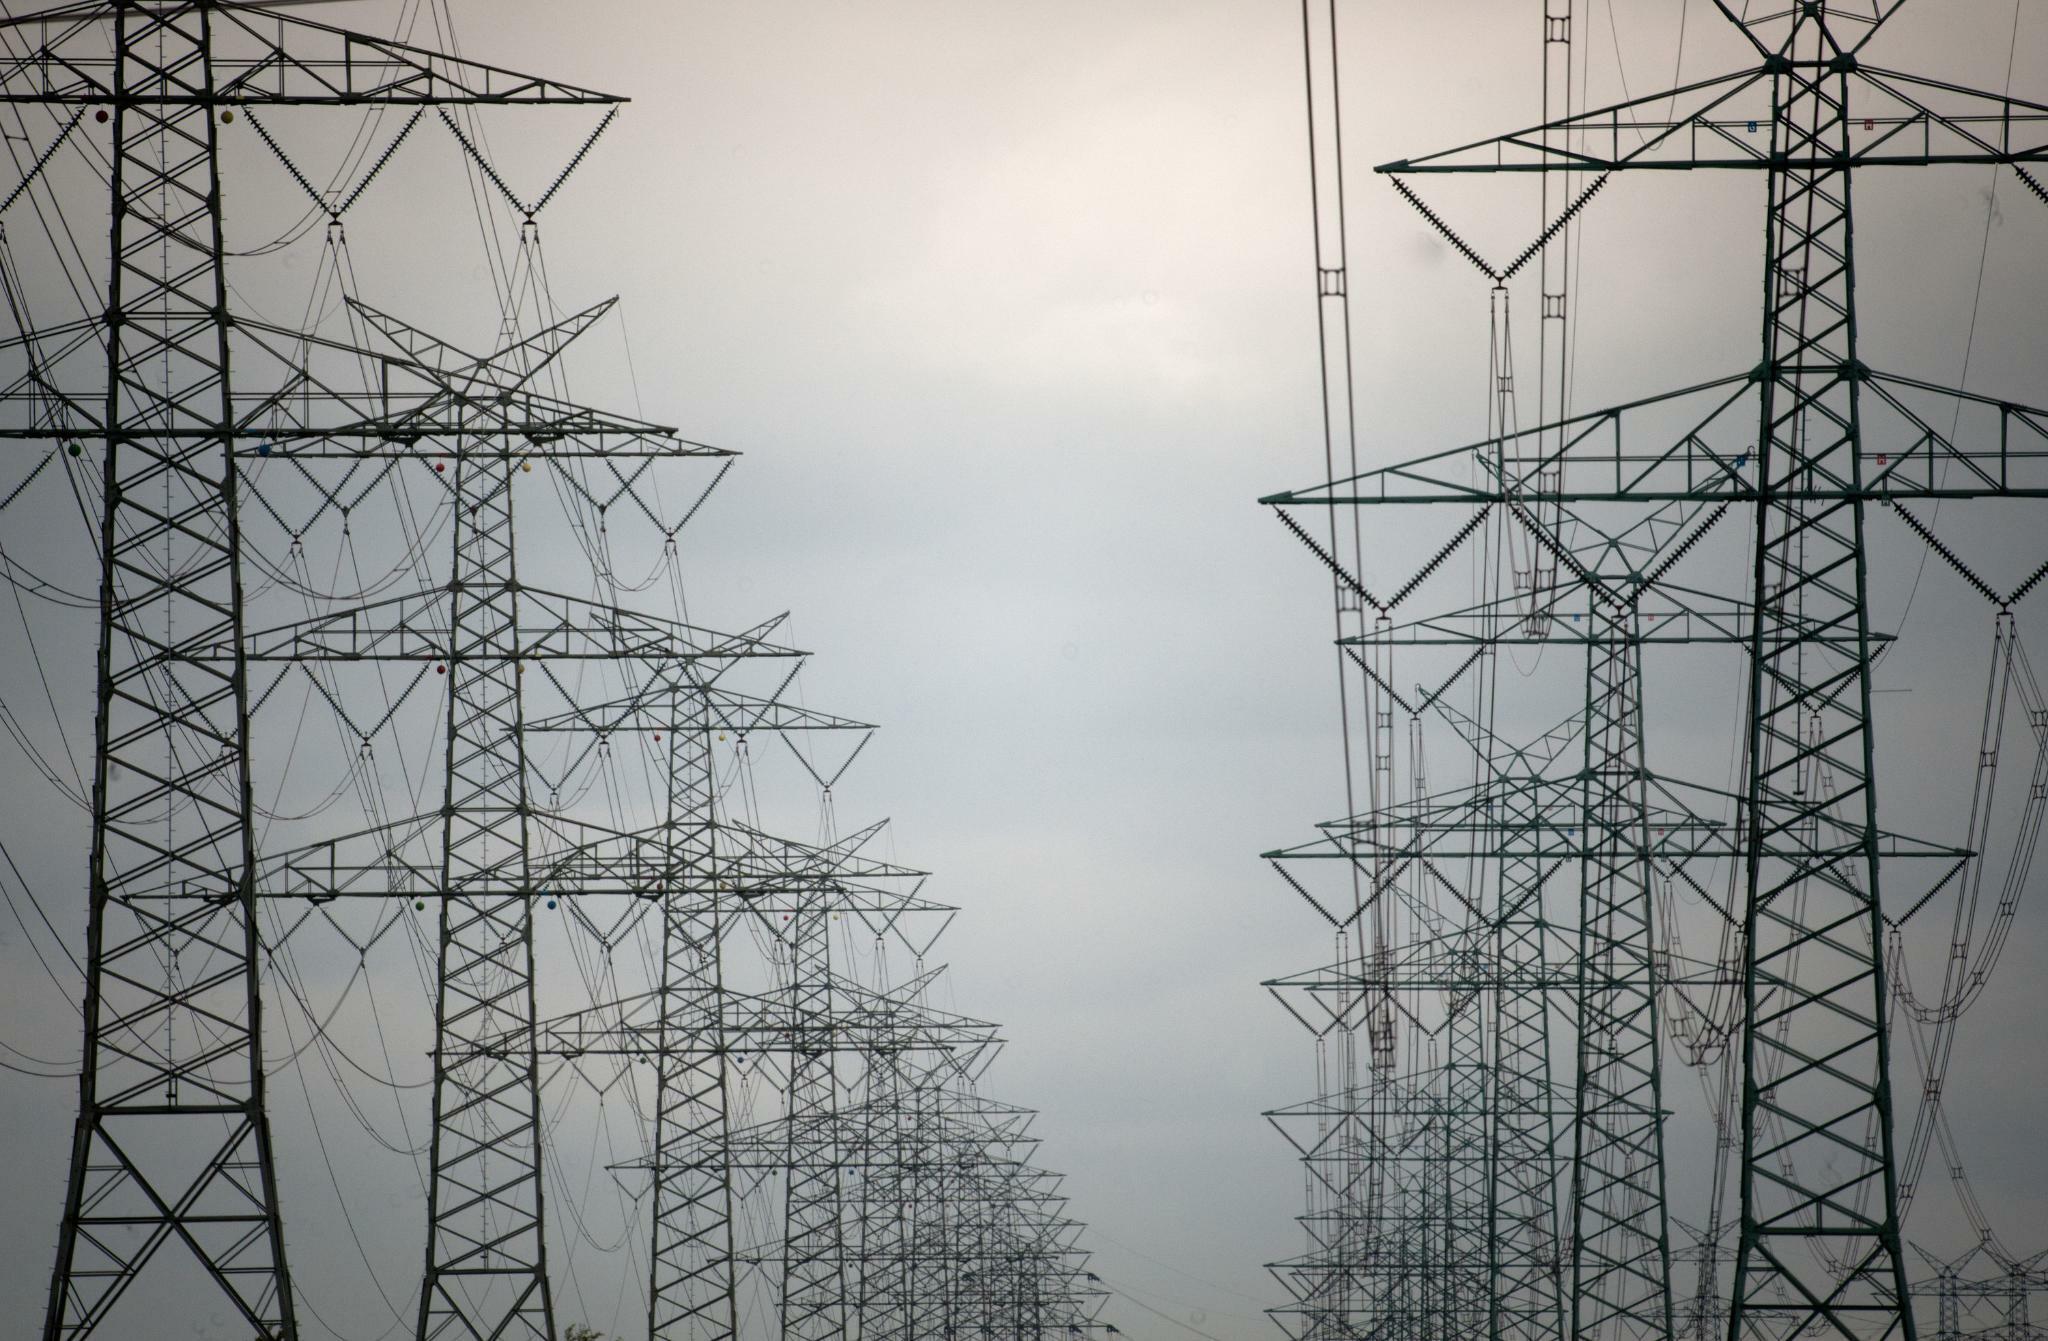 Einschätzung der Regierung: Netzbetreiber Tennet braucht bis 2028 bis zu 4,75 Milliarden Euro